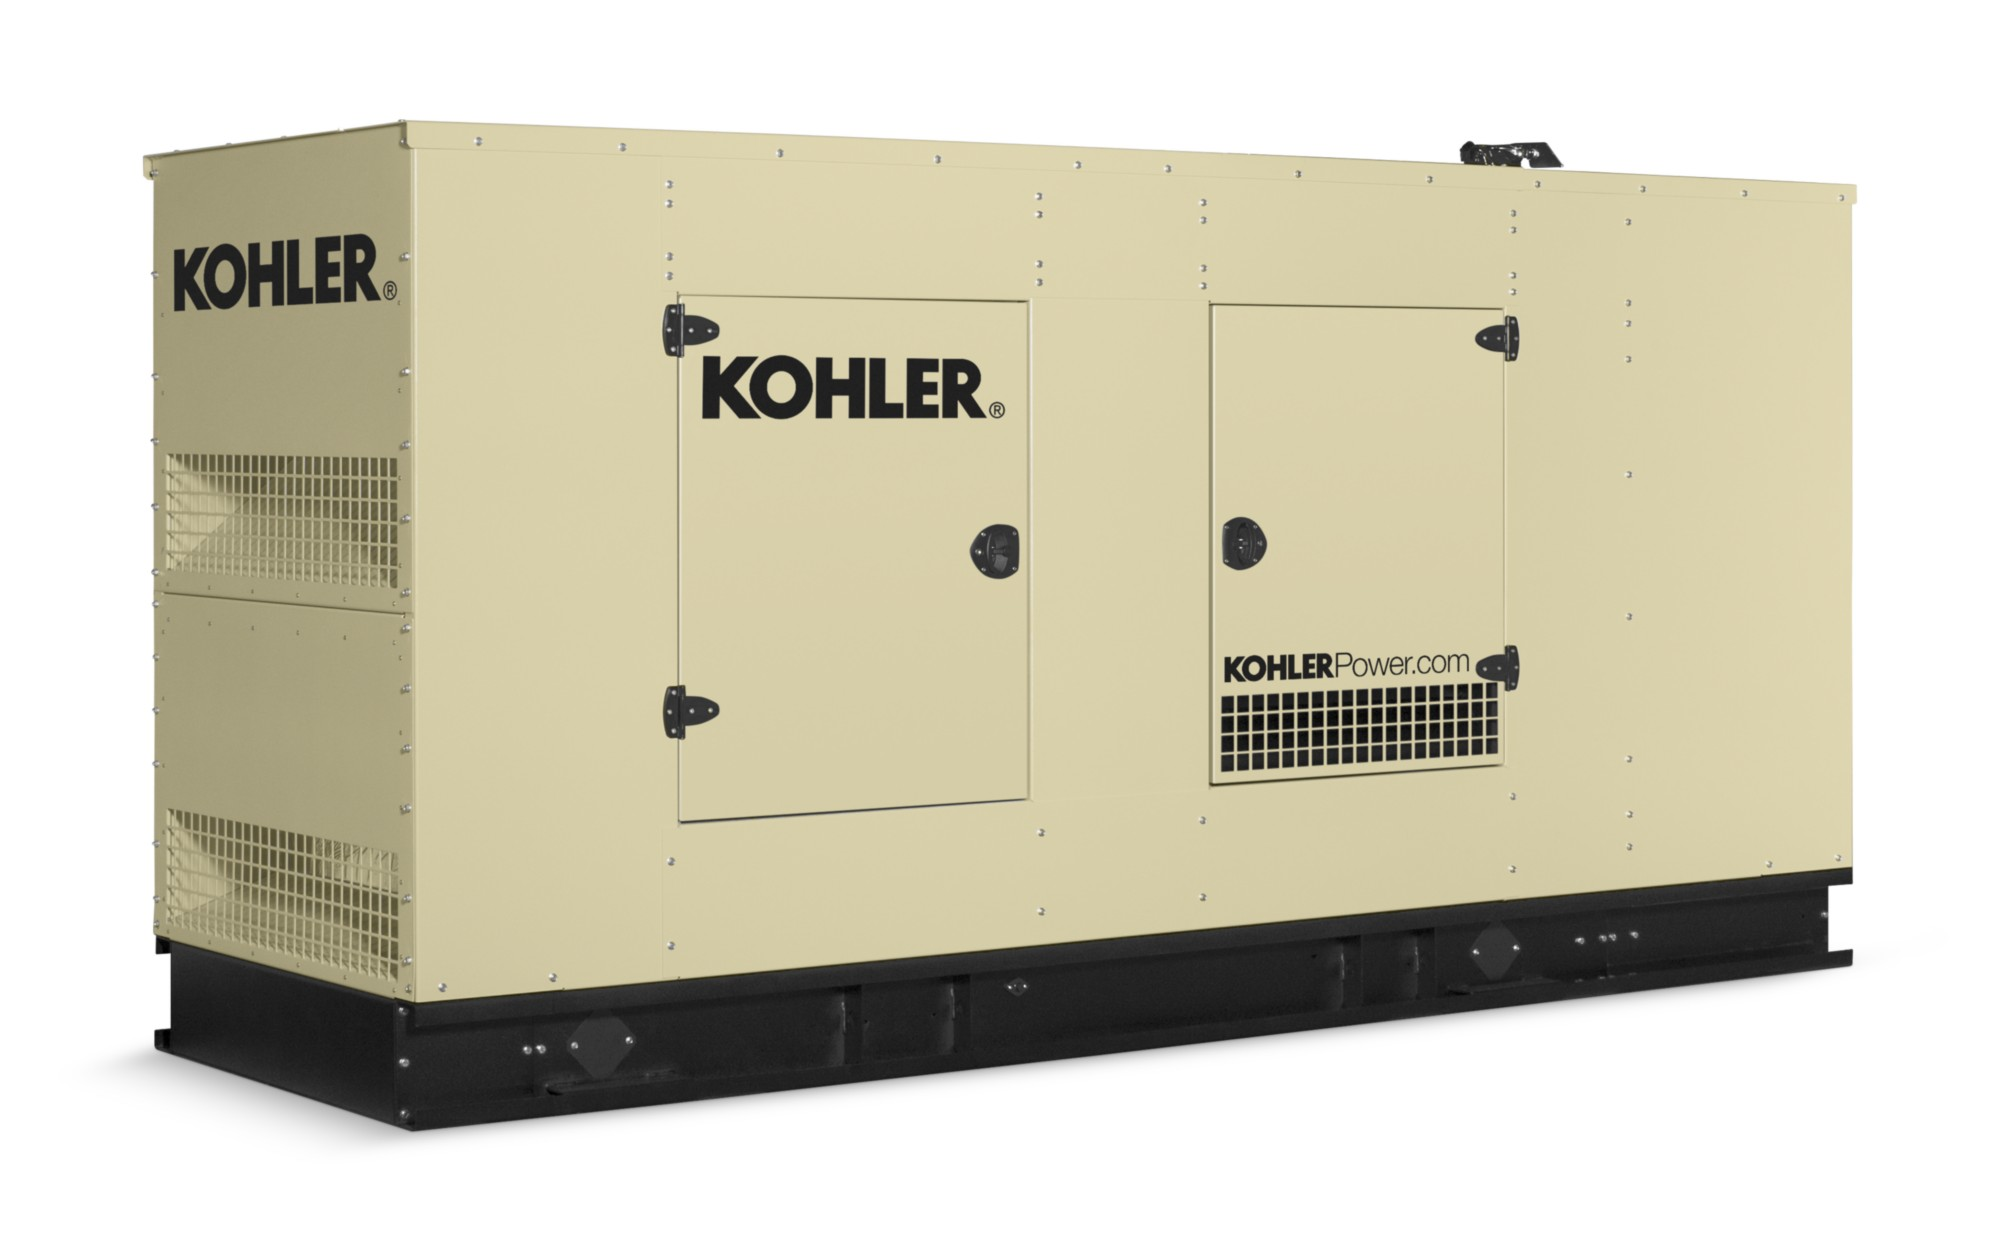 180reozjg 60 Hz Industrial Diesel Generators Kohler Shortcircuit Generatorshortcircuit Generatorsec Electric